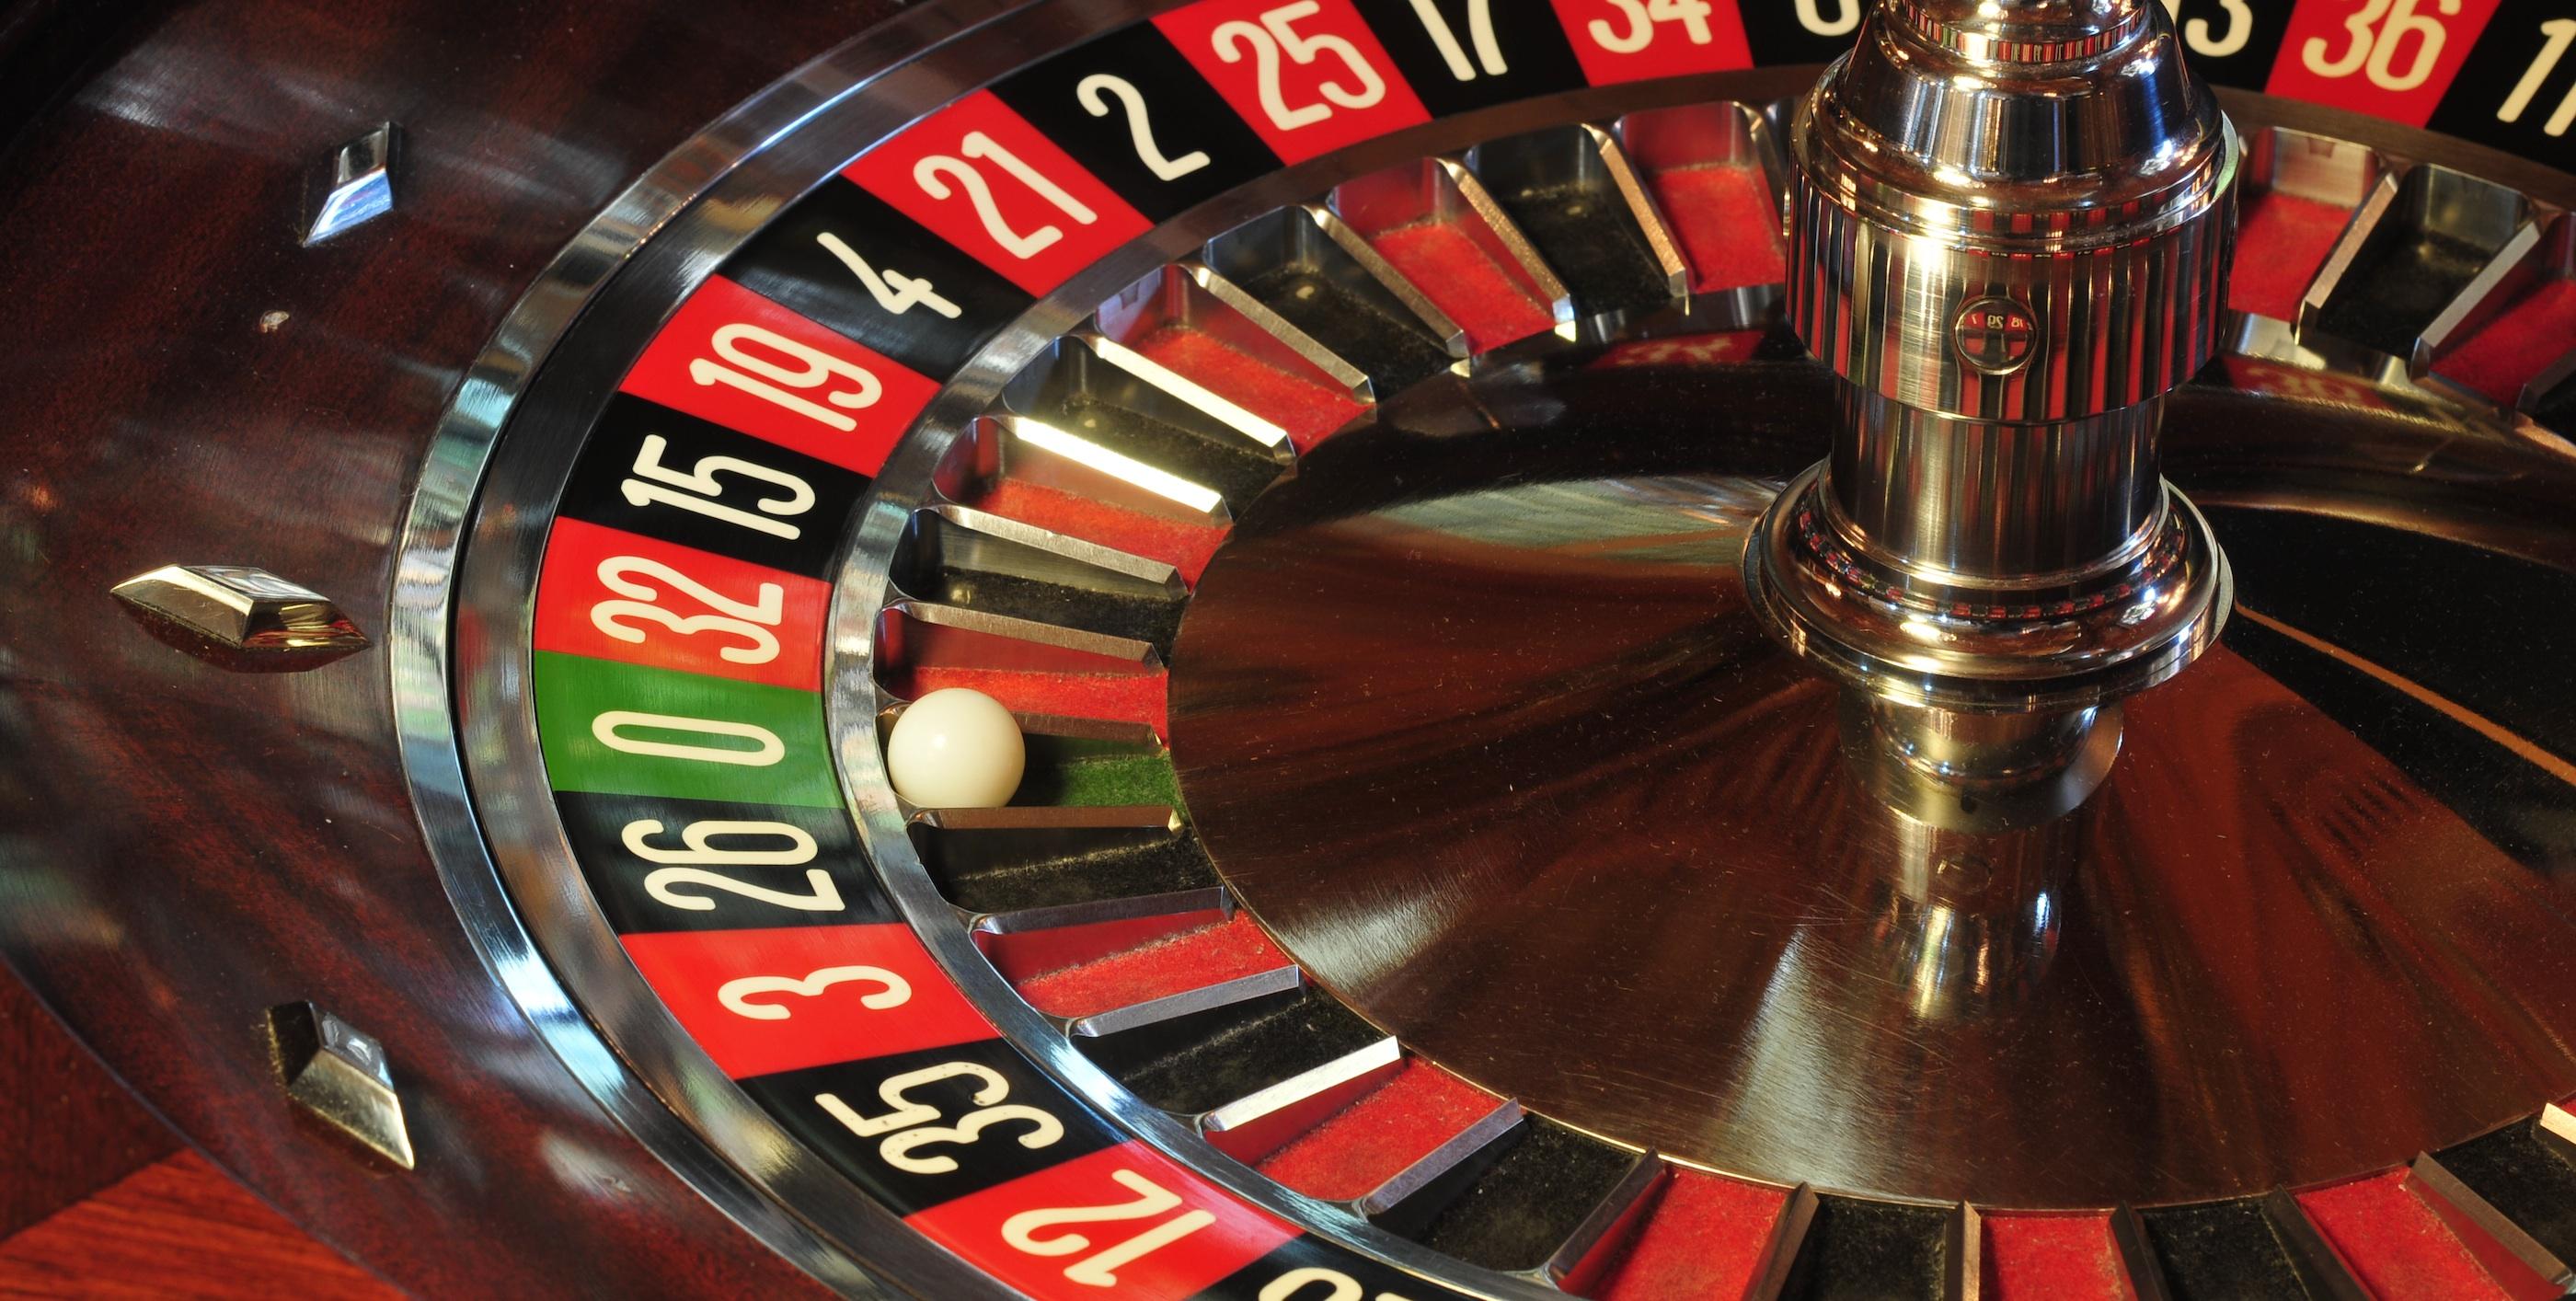 The Startup Casino